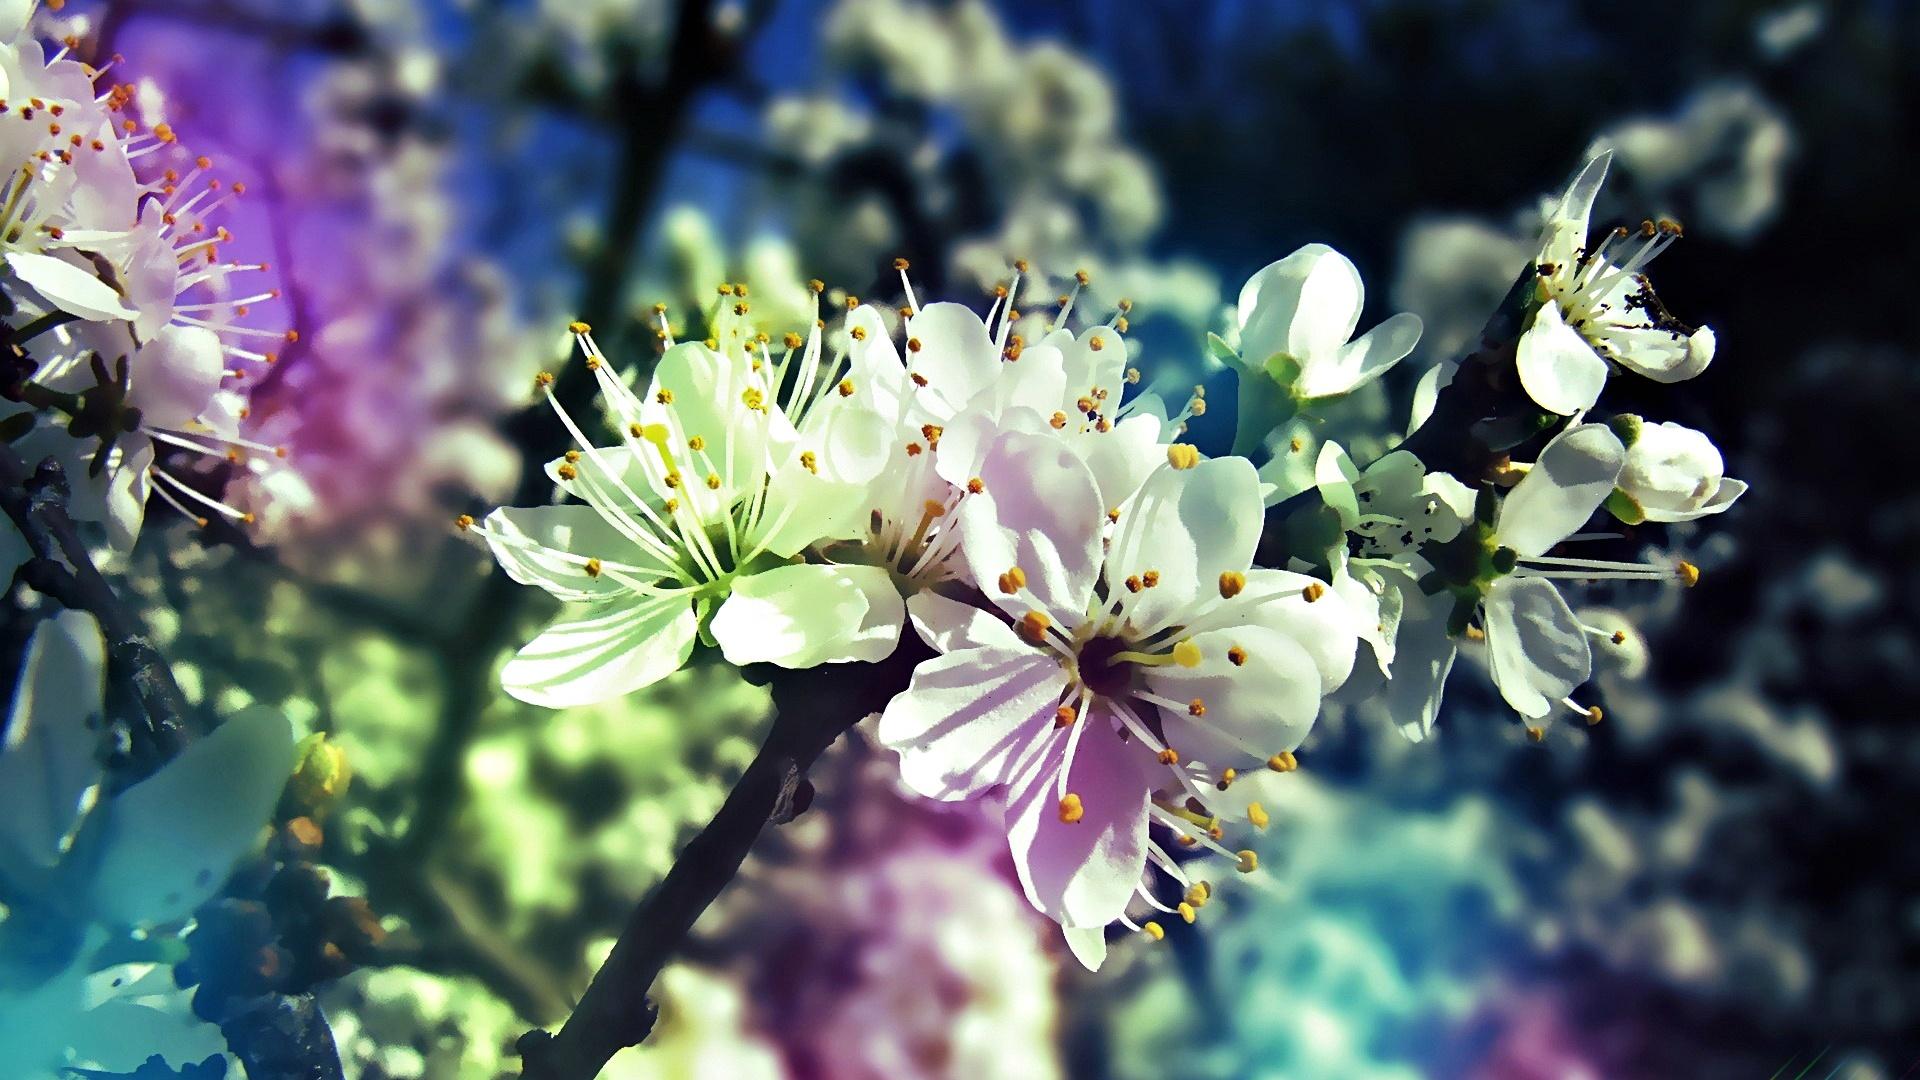 fiori_di_ciliegio_HD